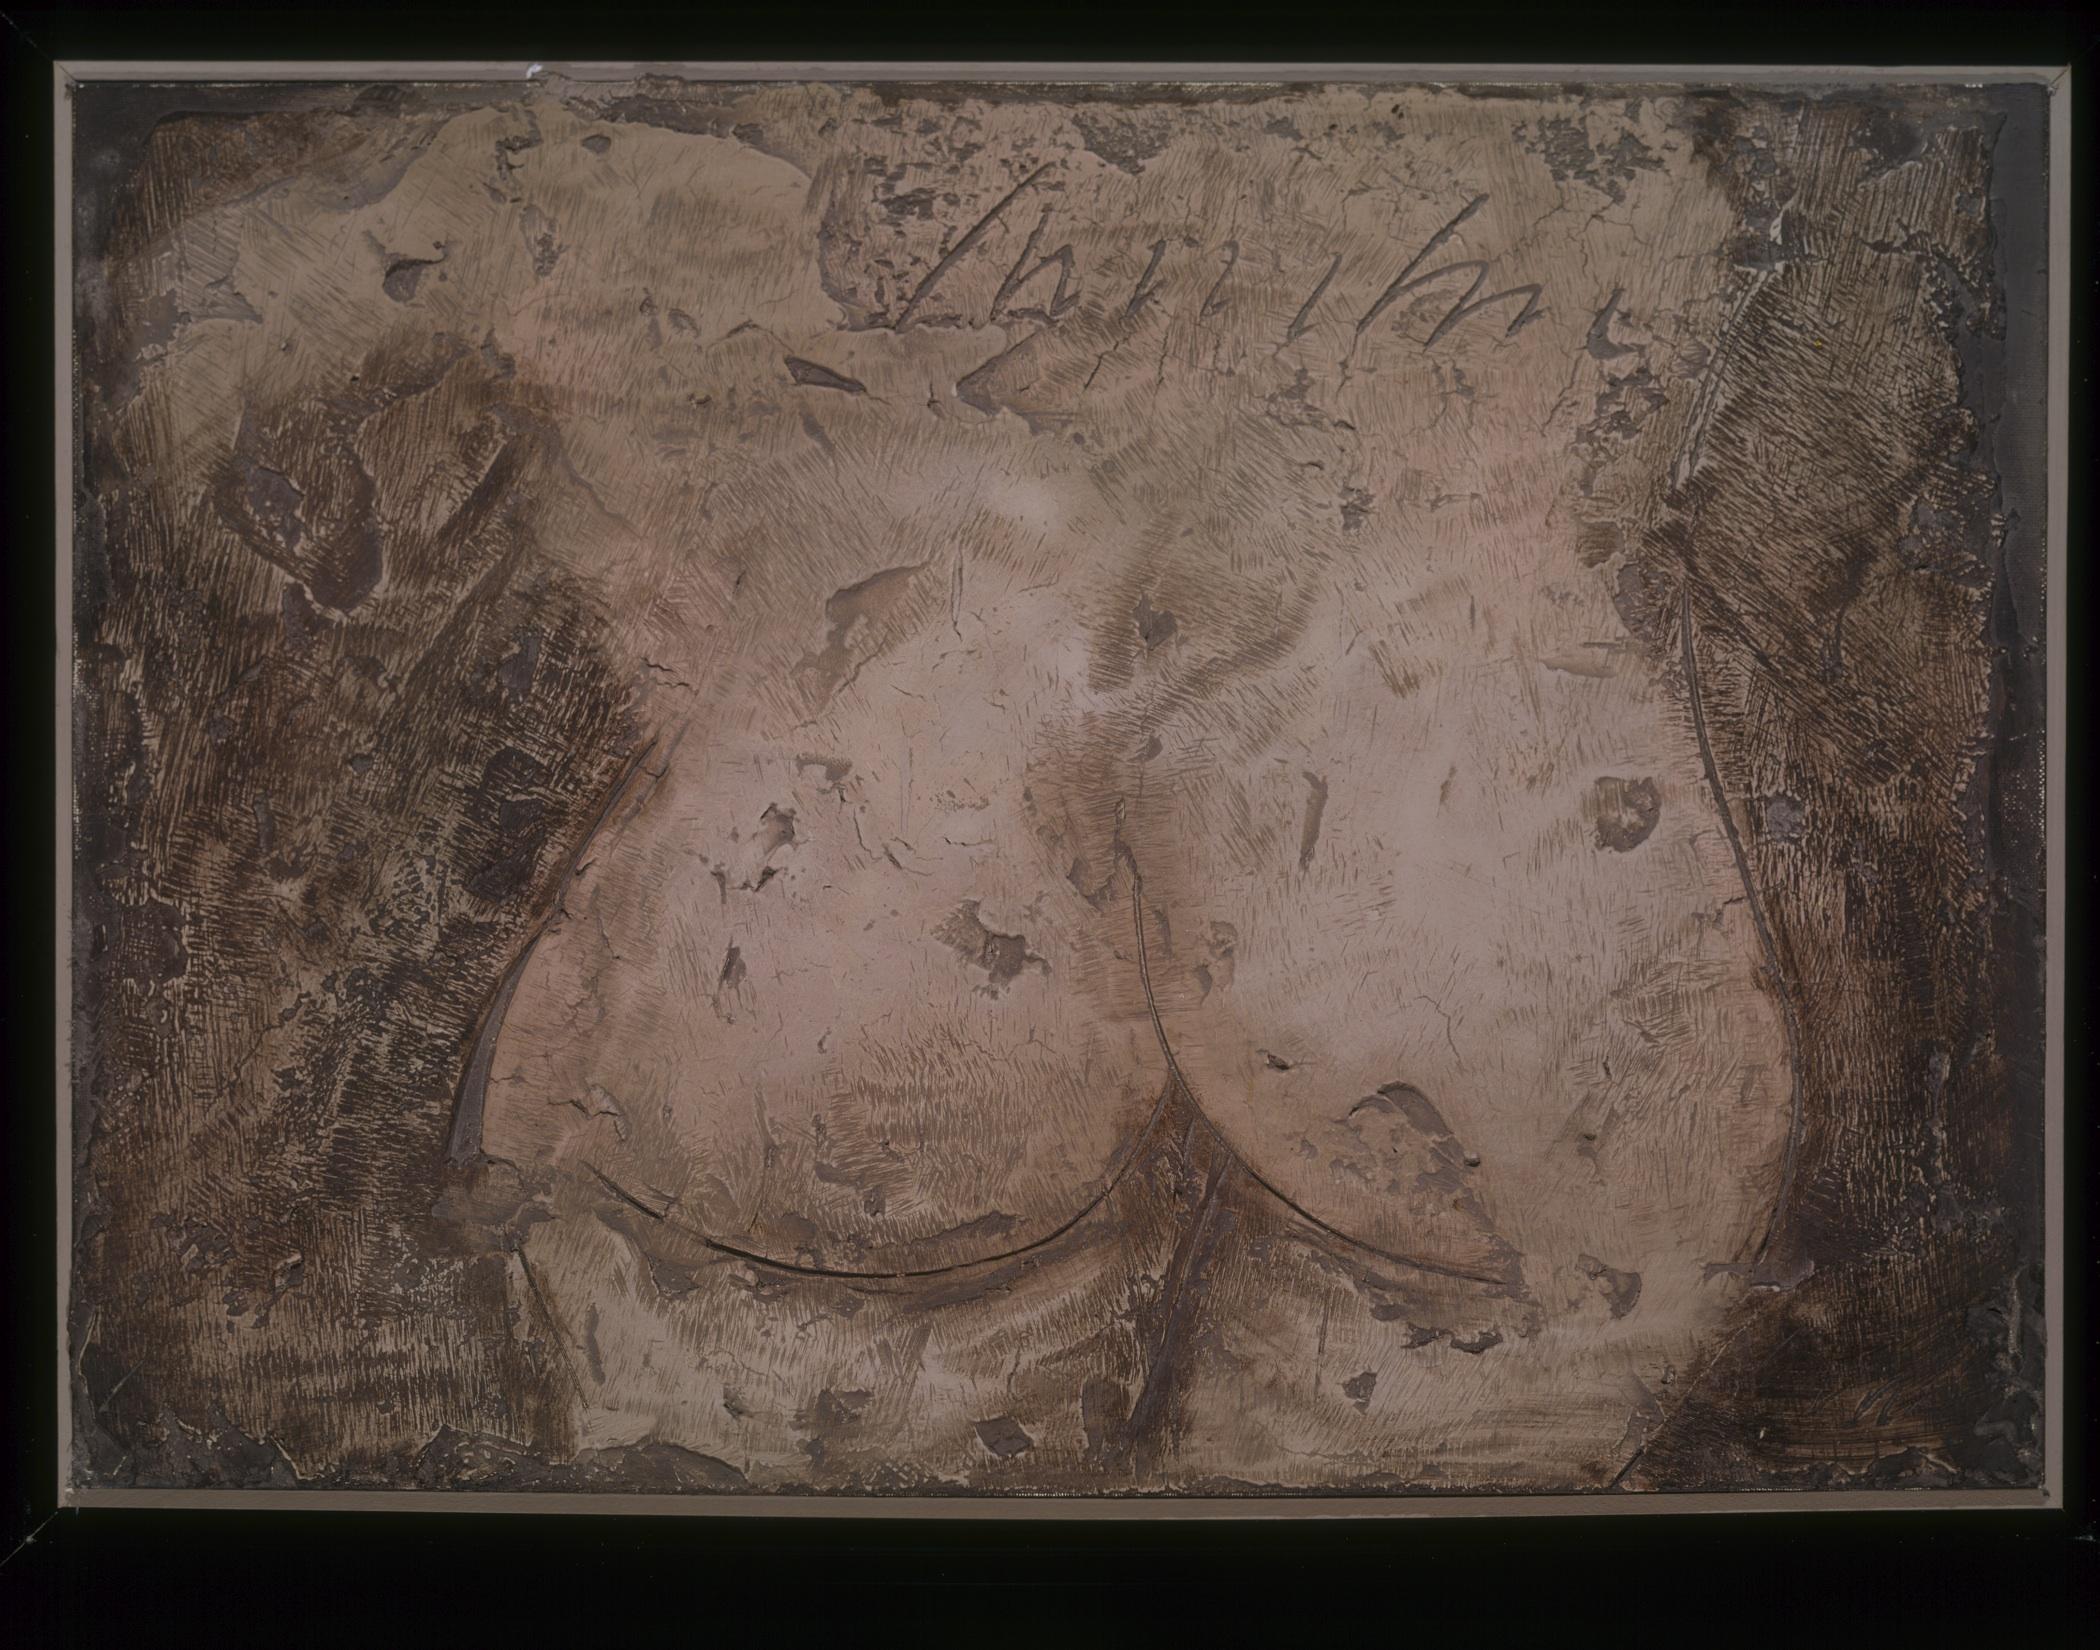 Vanity, 2006